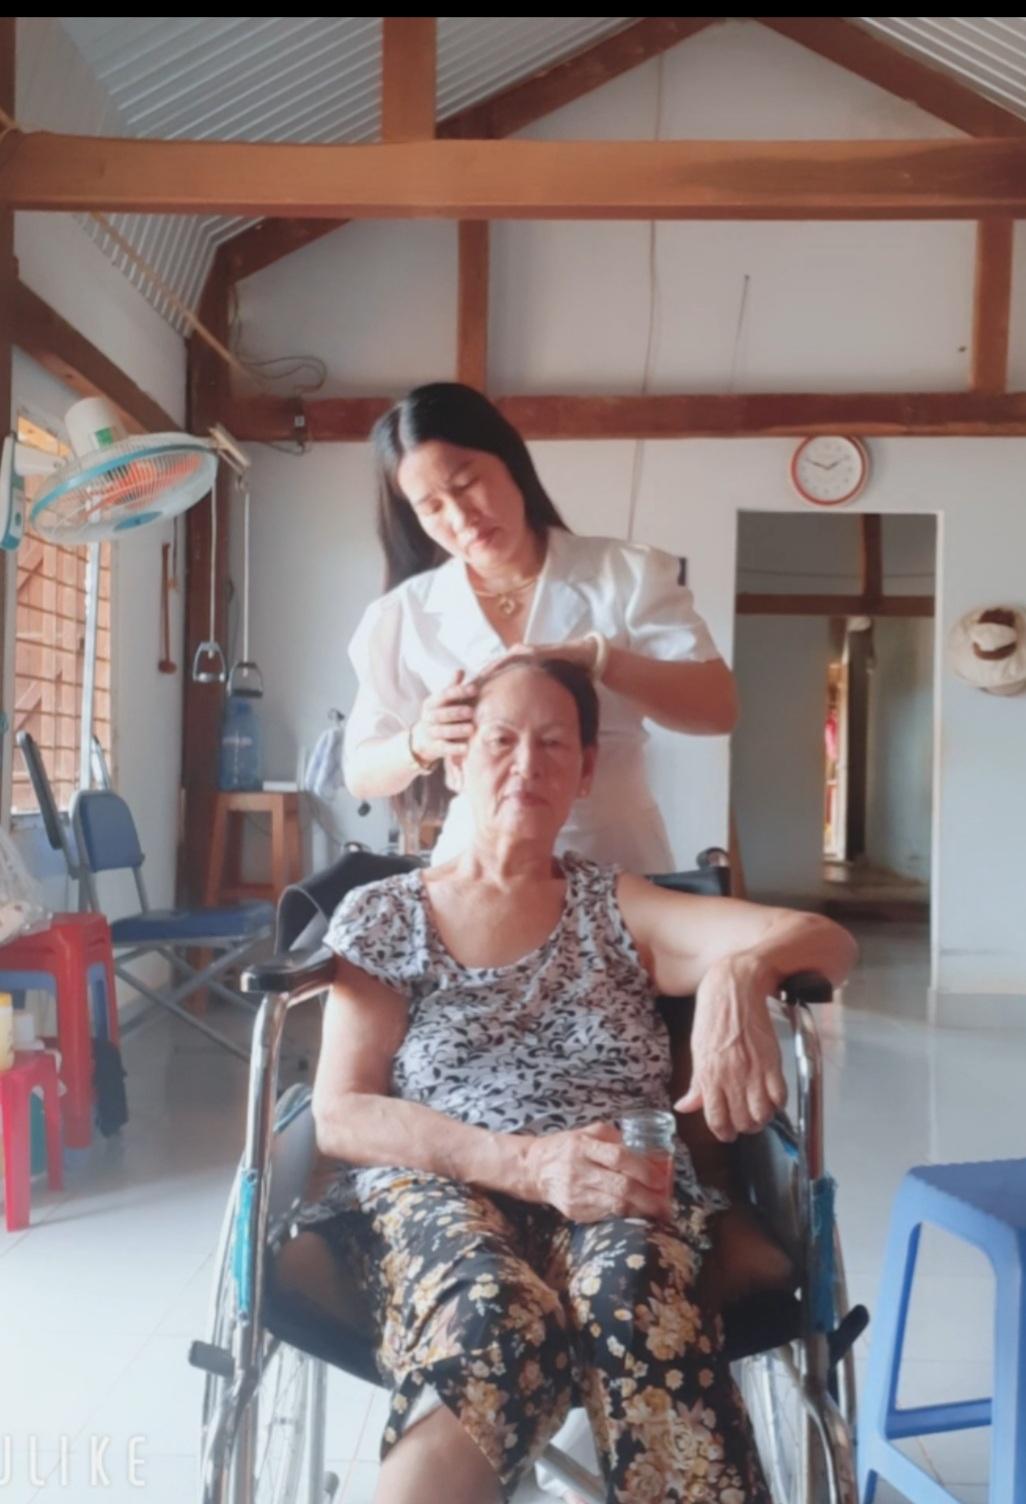 dai-su-nha-ai-hien-thuong-17.jpg (266 KB)